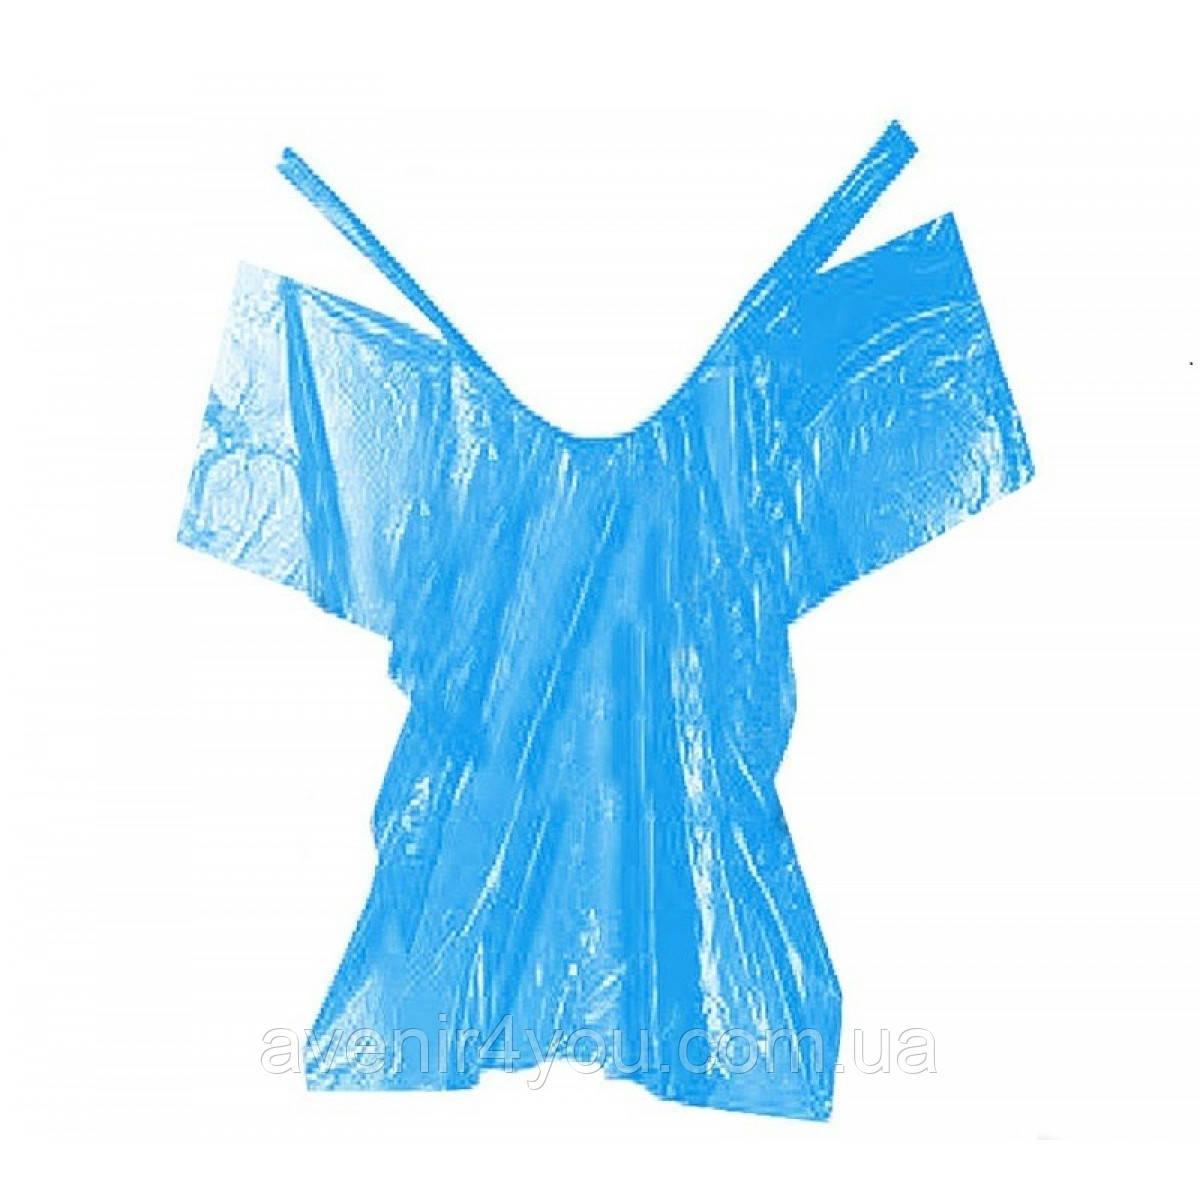 Пеньюар одноразовый голубой (10 шт.)